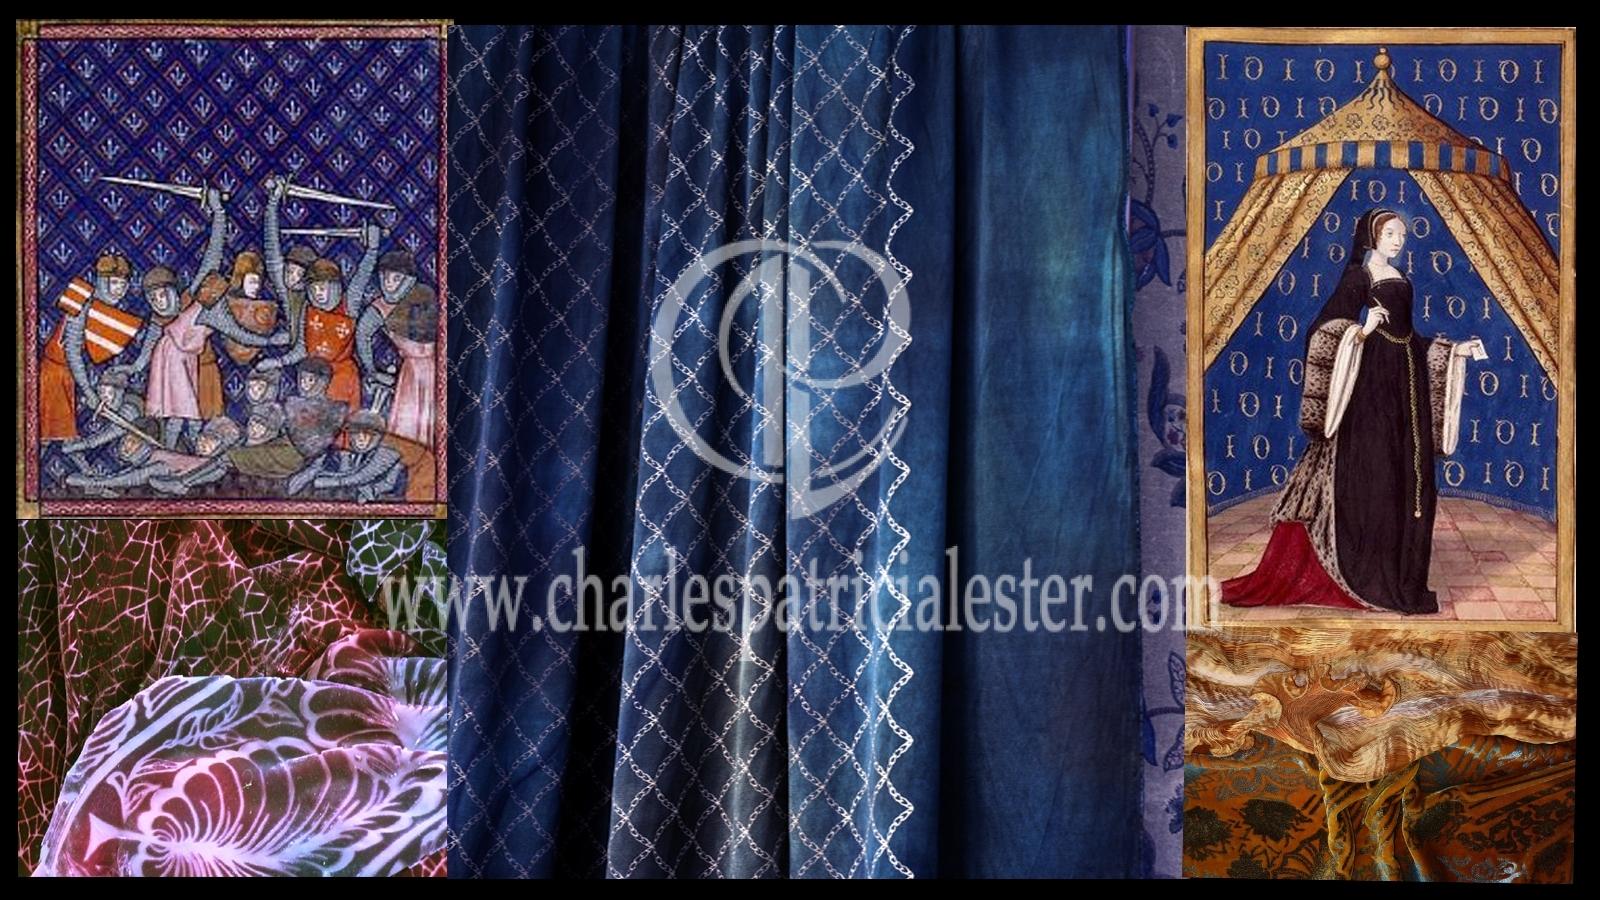 Film textiles